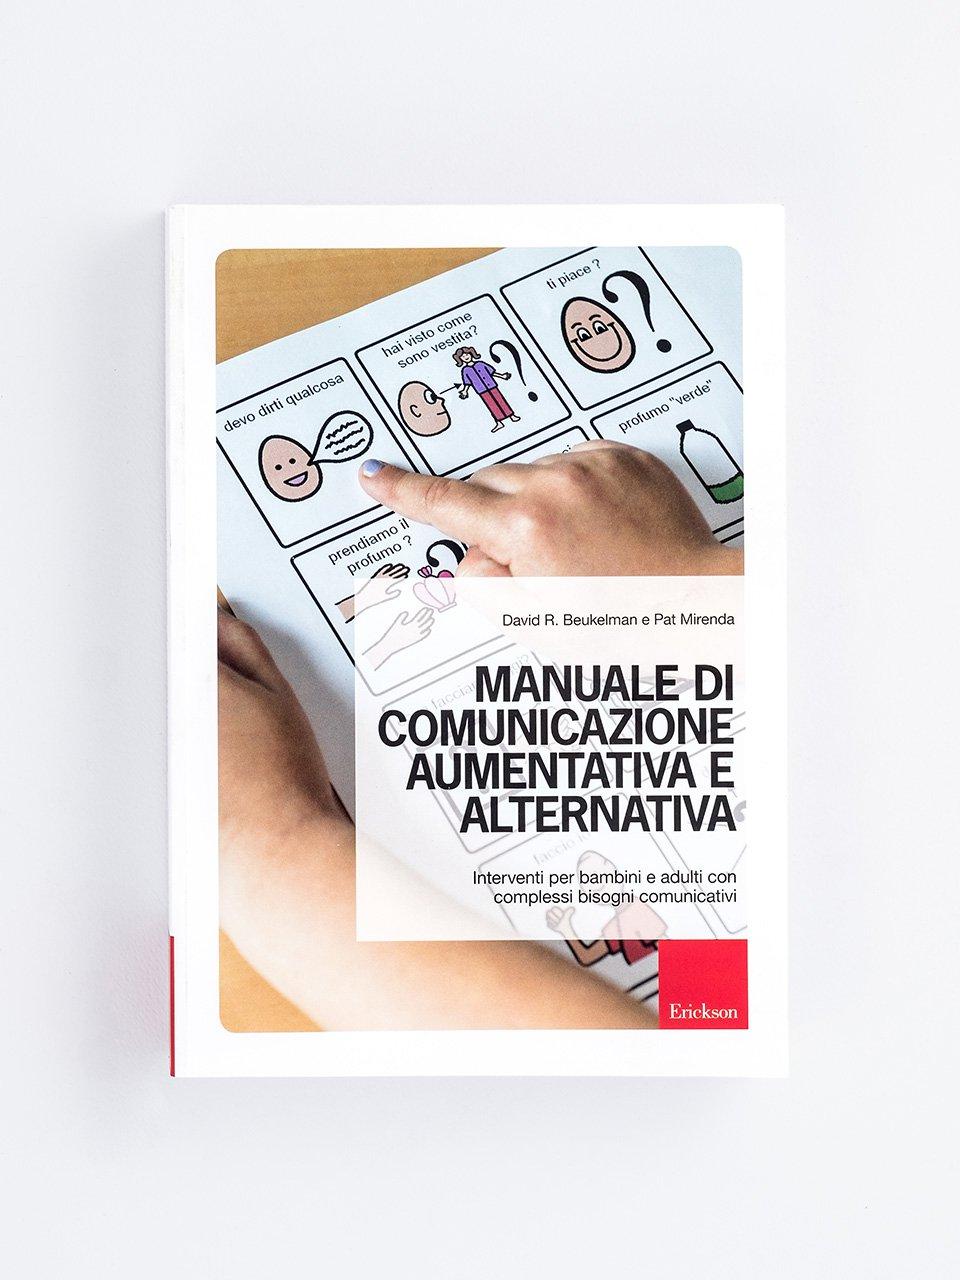 Manuale di Comunicazione Aumentativa e Alternativa - Libri - Erickson